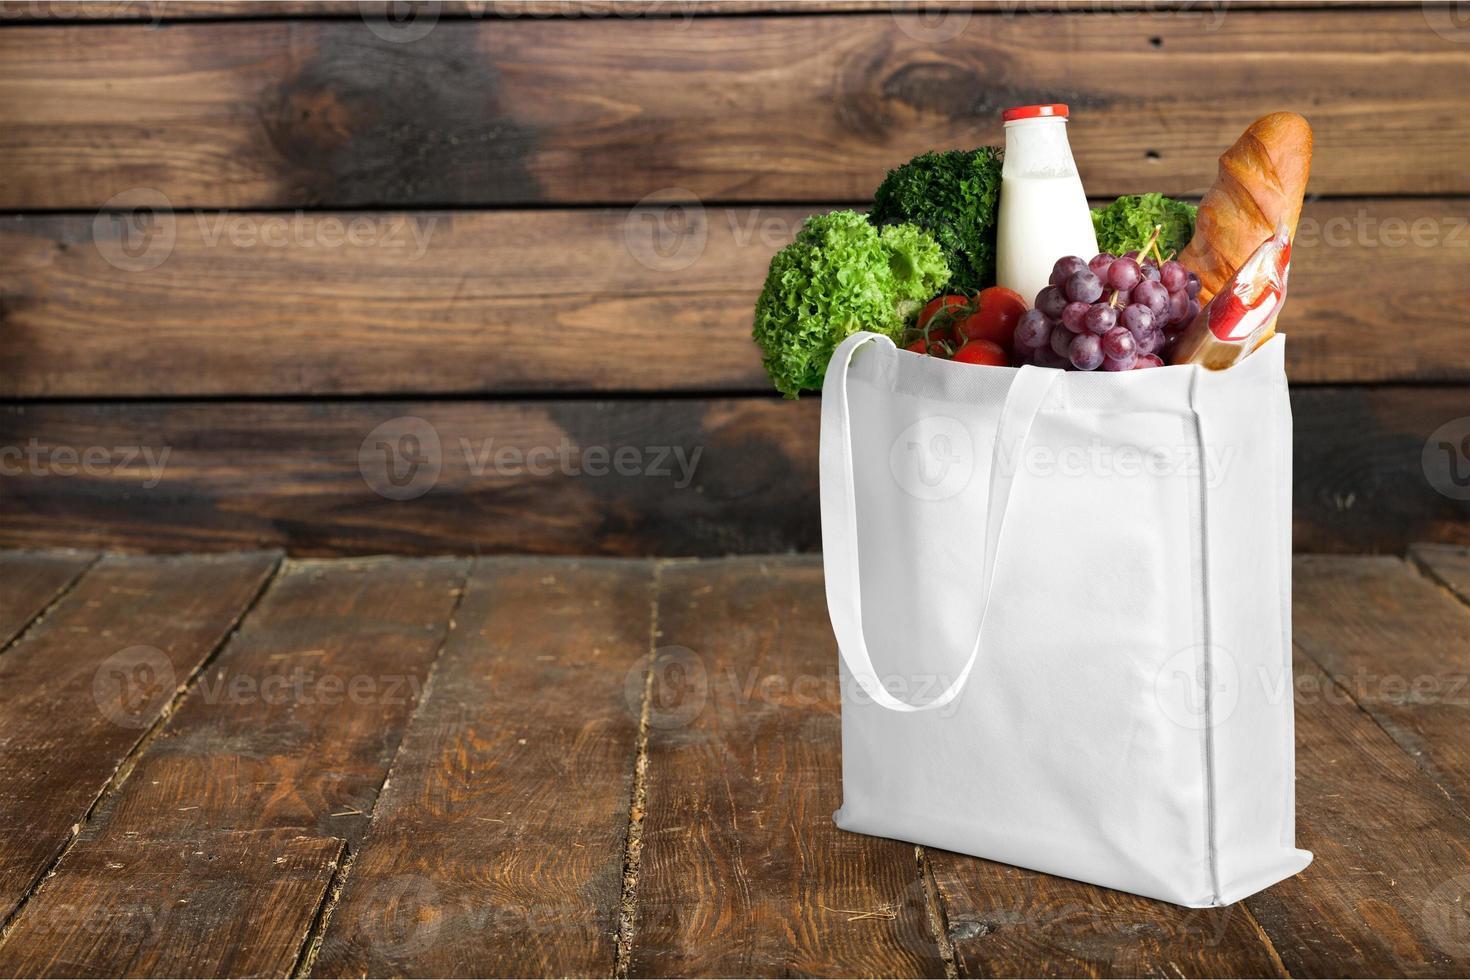 väska, shoppingväska, livsmedel foto